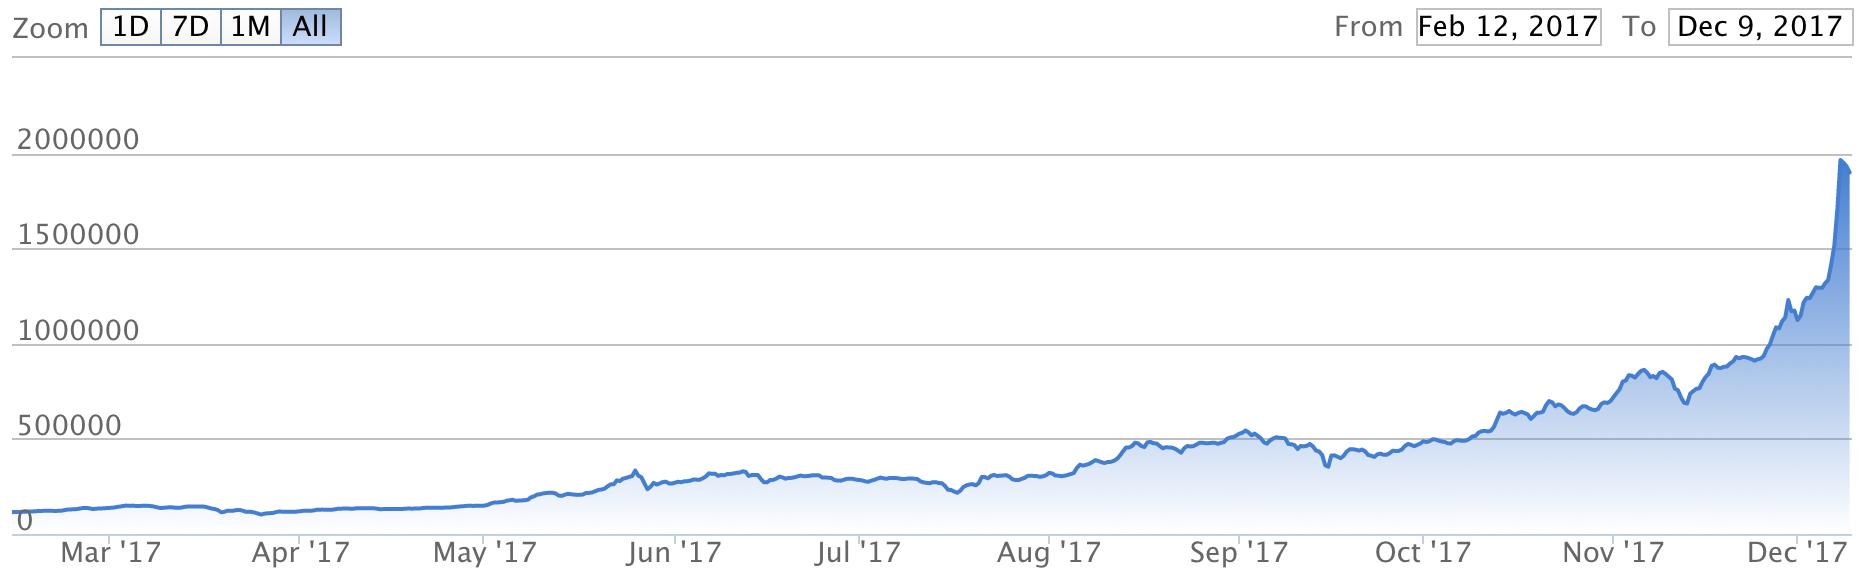 ビットコイン 2017 価格推移